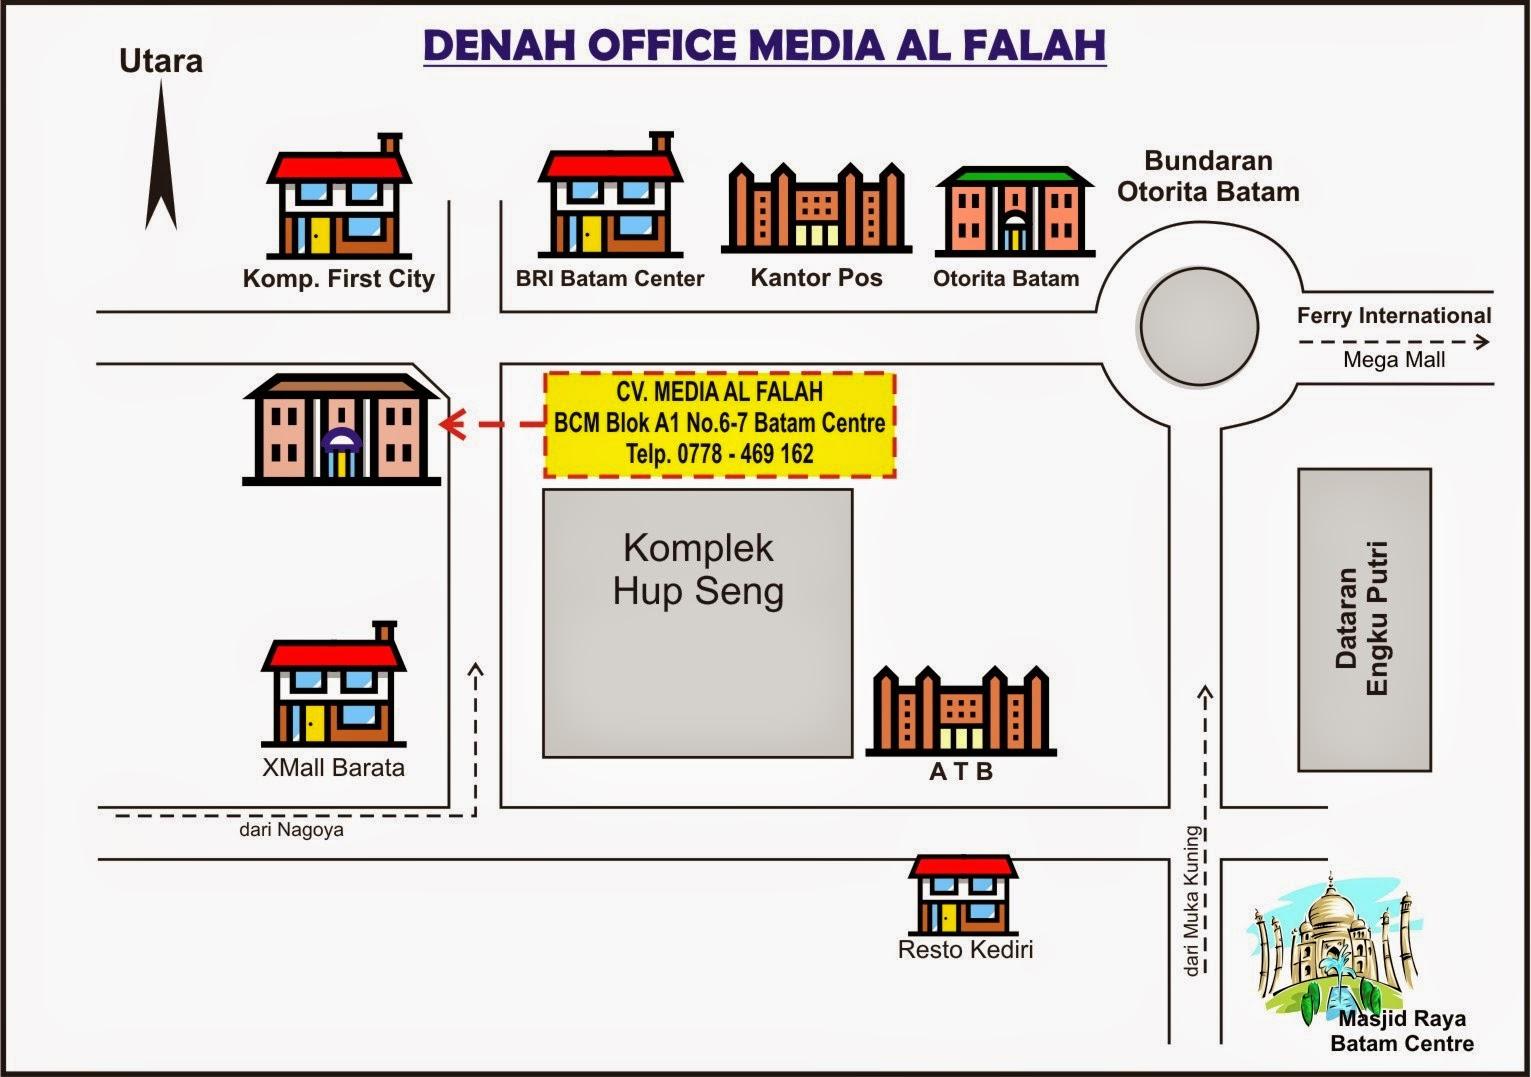 Contoh Soal Kelas 4 Sd Bahasa Indonesia Semester 1 Blog Sunadinata